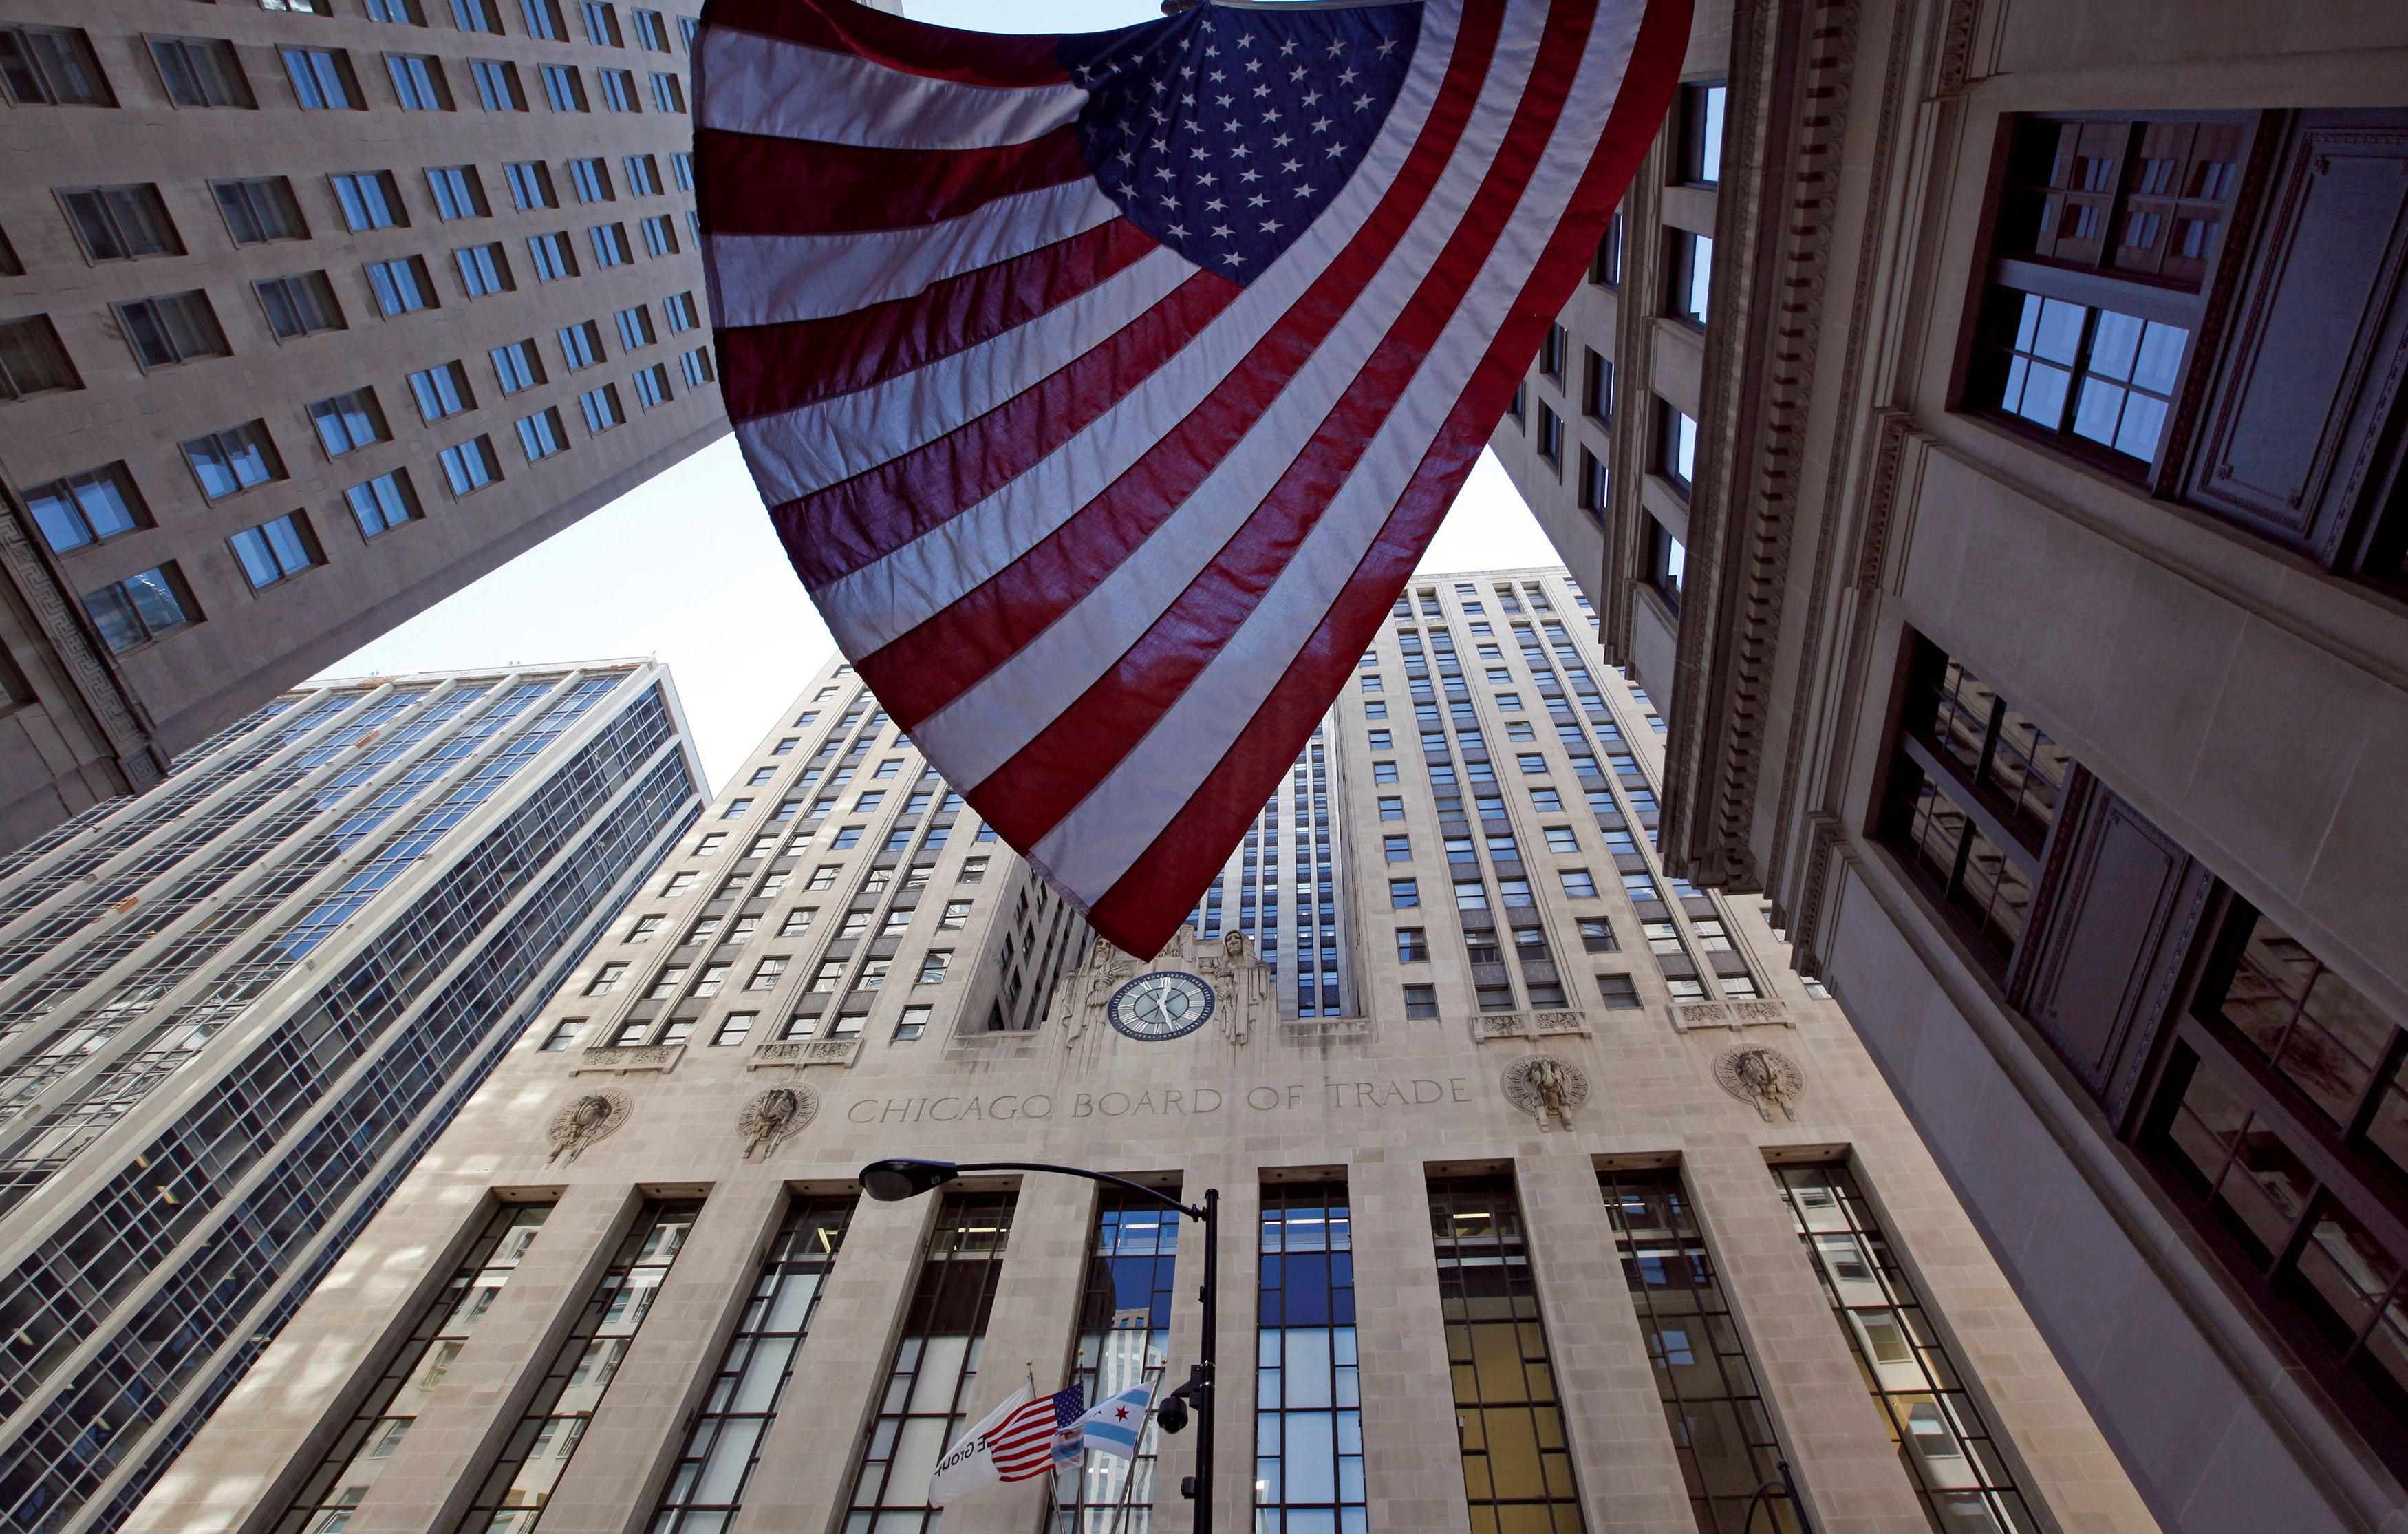 El exterior del Chicago Board of Trade (CBOT), el principal mercado de materias primas agrícolas a nivel global. Foto: REUTERS/Jim Young